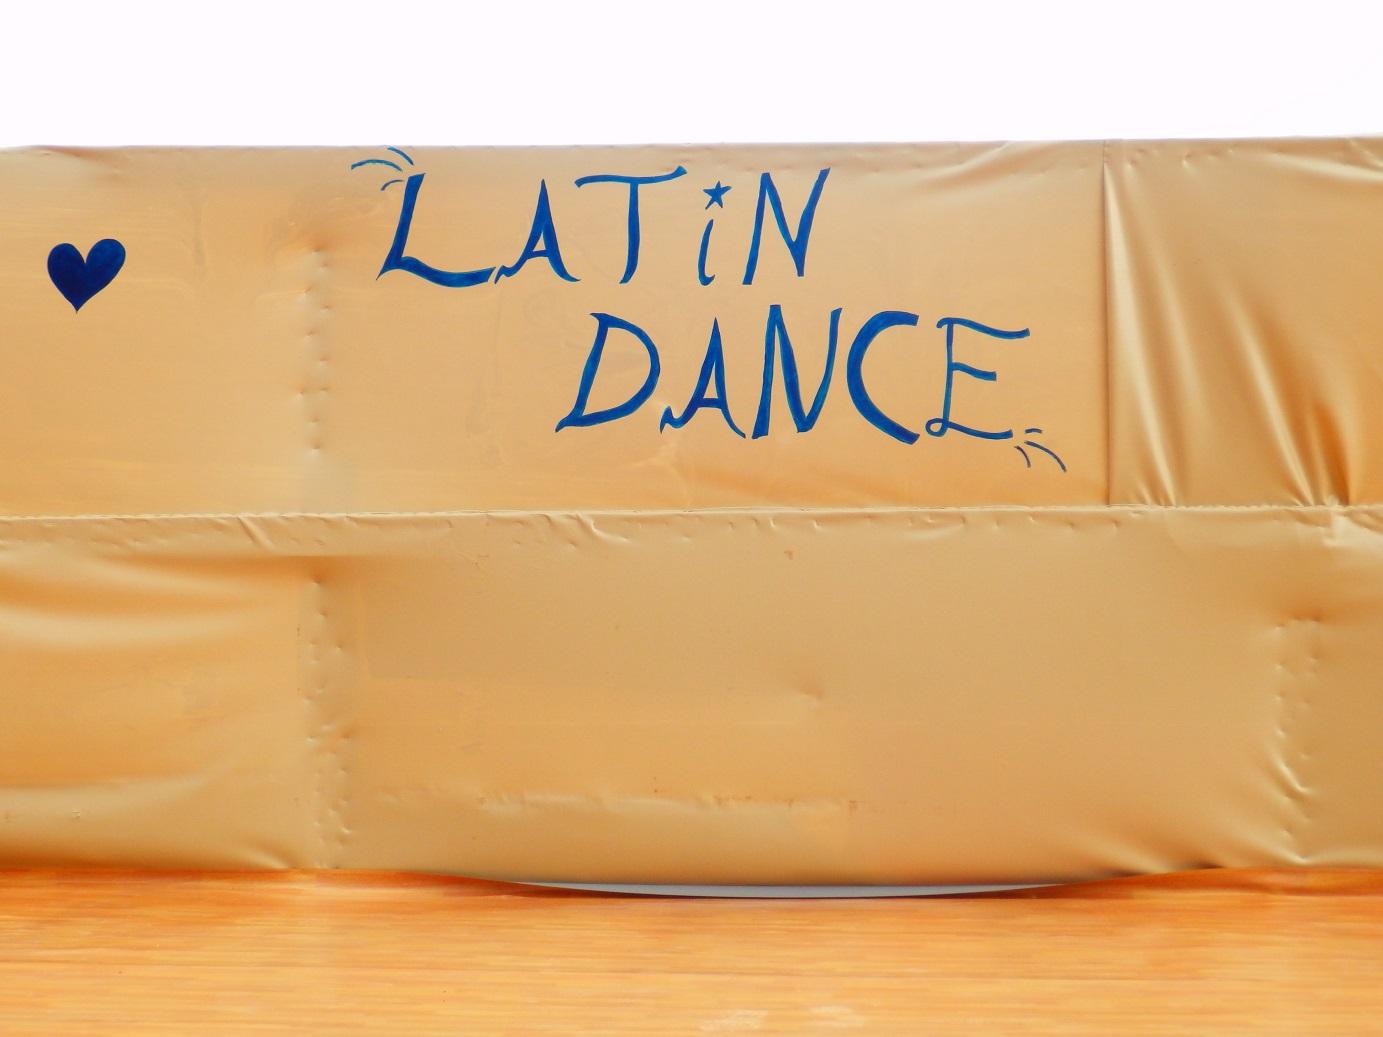 latin_proetoimasia